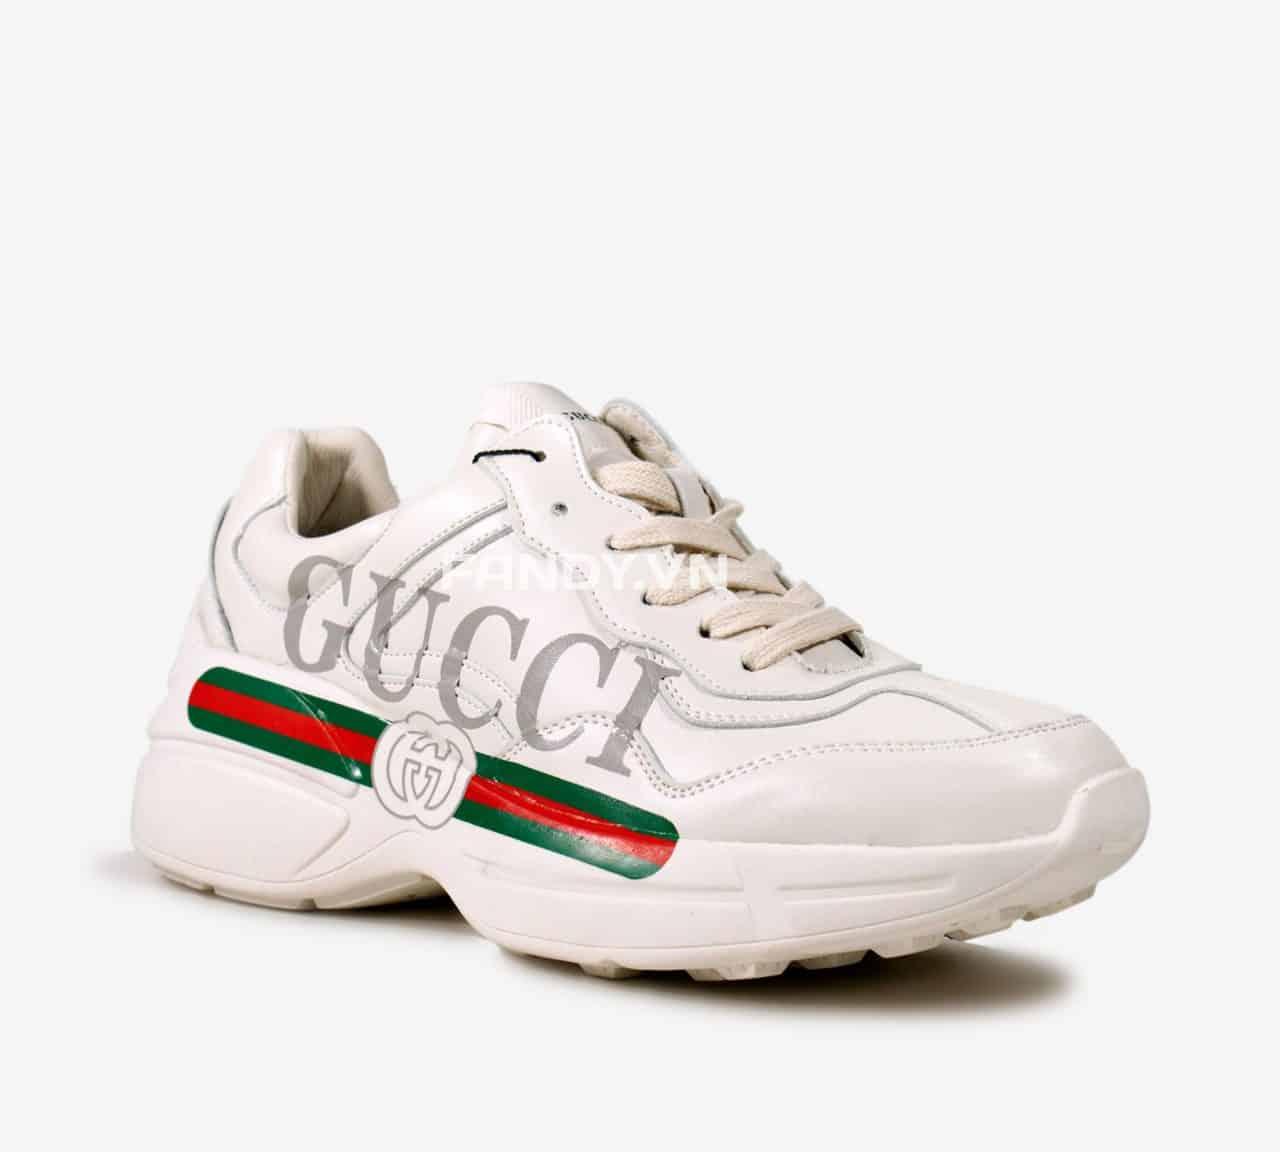 Mẫu giày Gucci Chunky